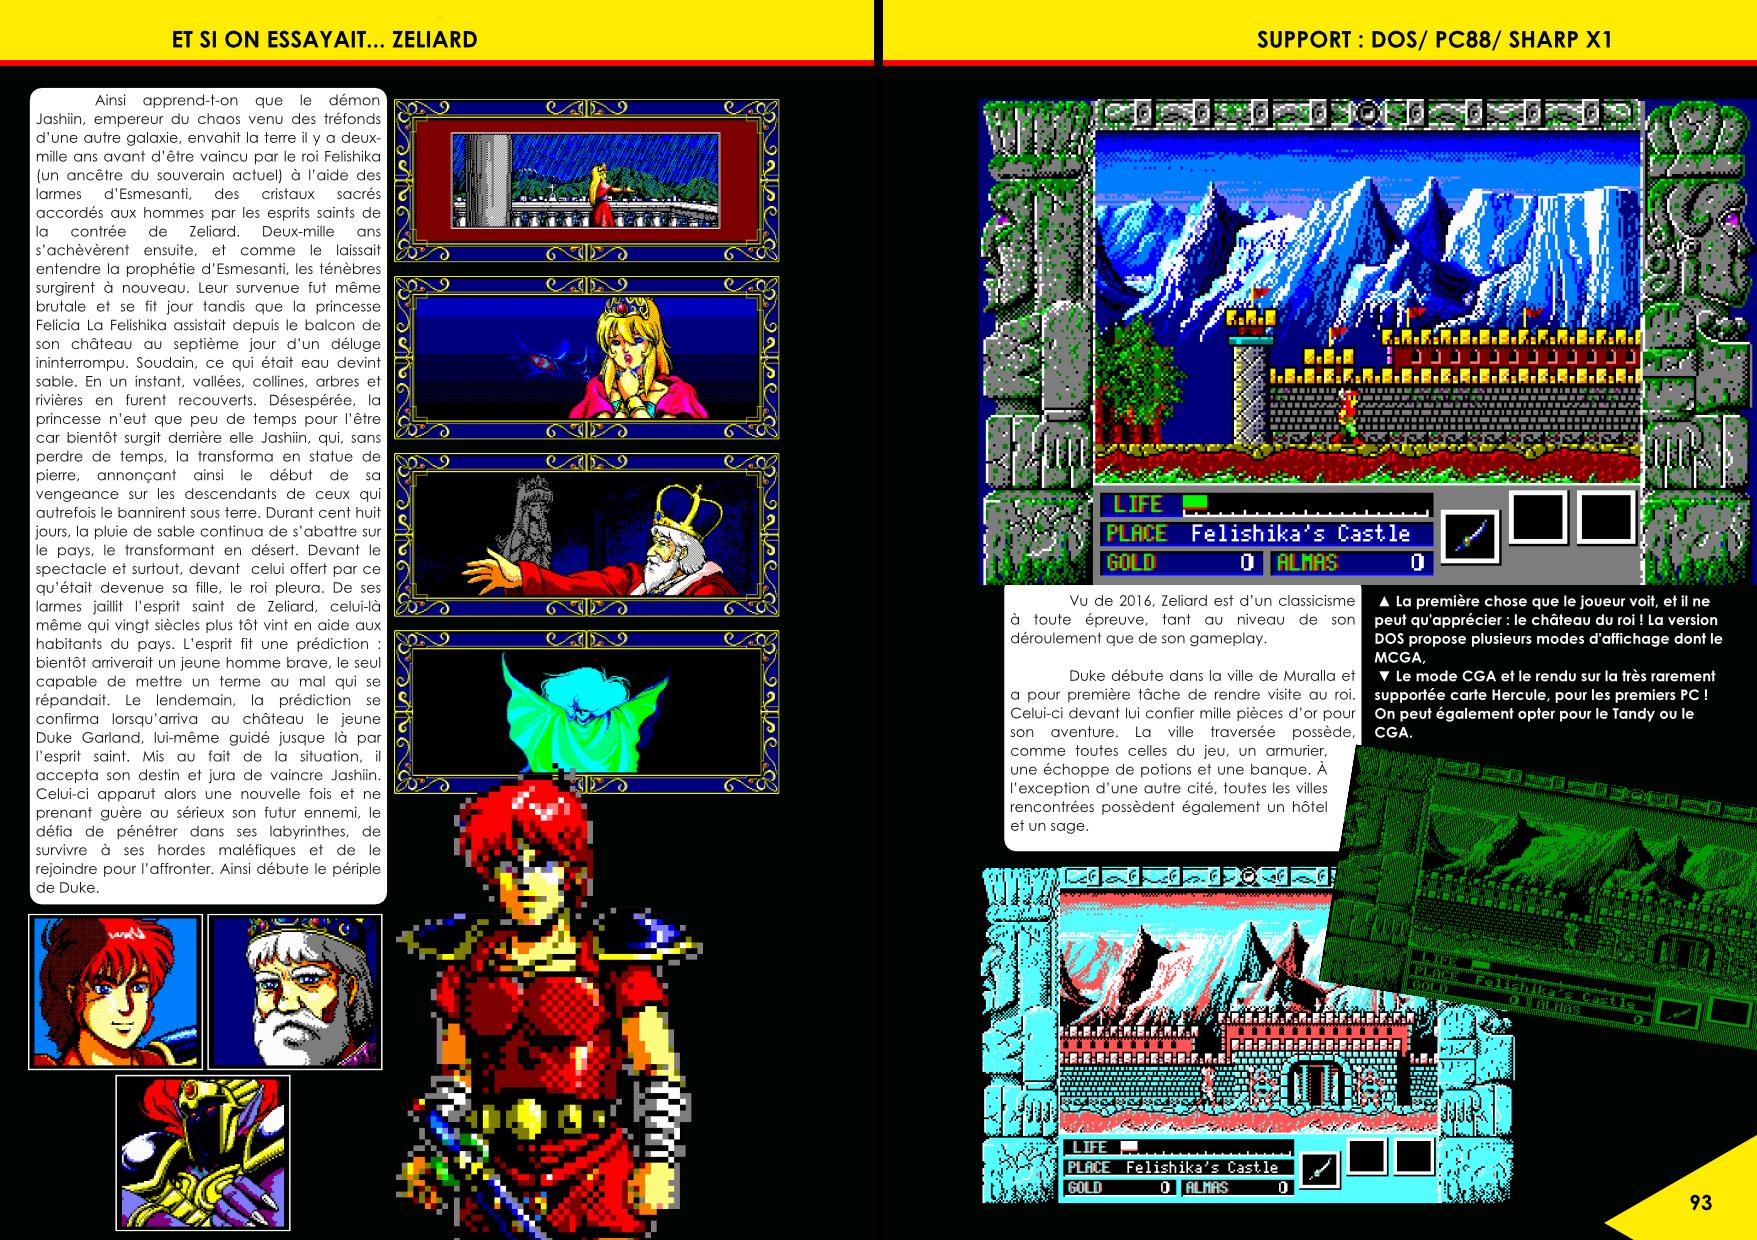 le RPG Zeliard de Game Arts édité par Sierra sur DOS  article de Côté Gamers